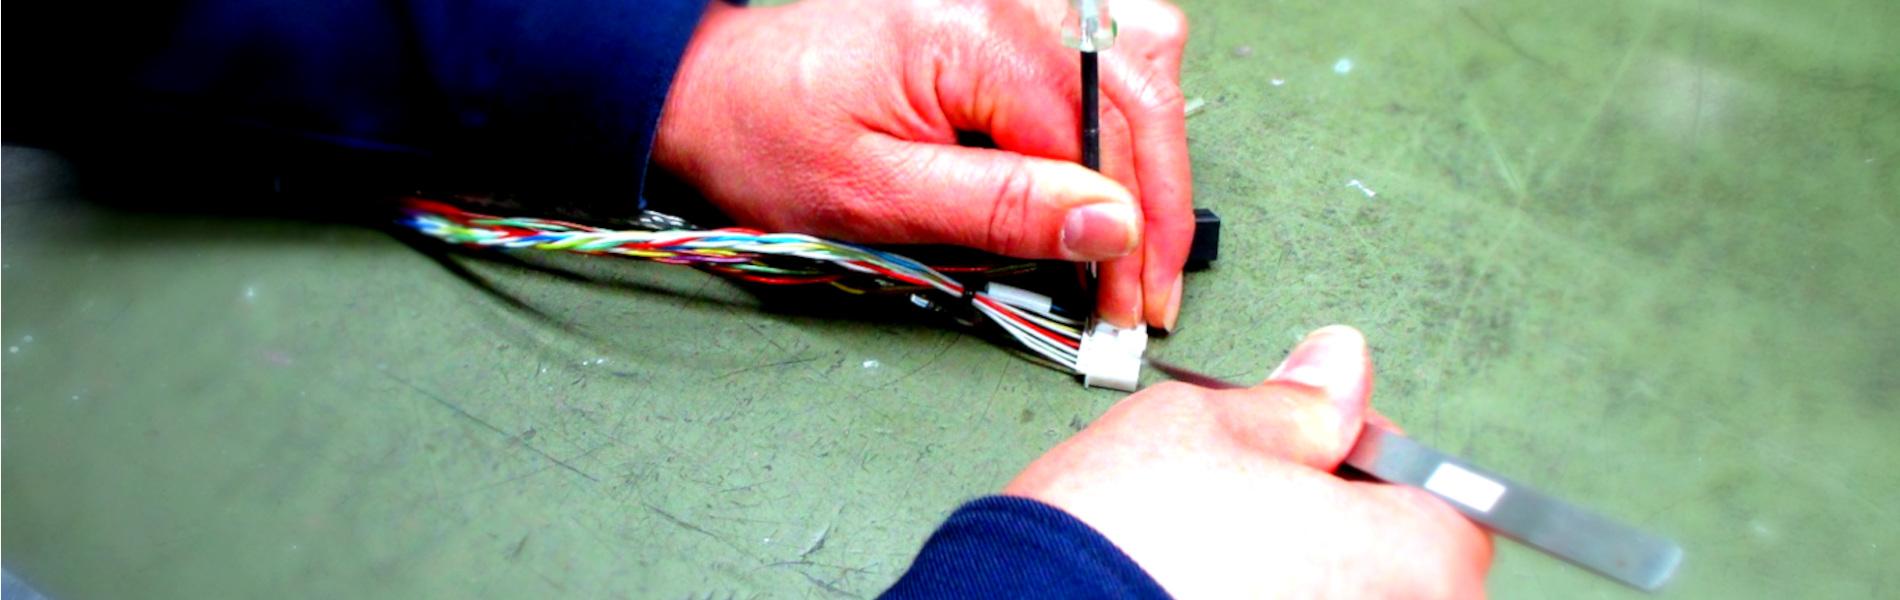 ケーブル加工作業の手元画像